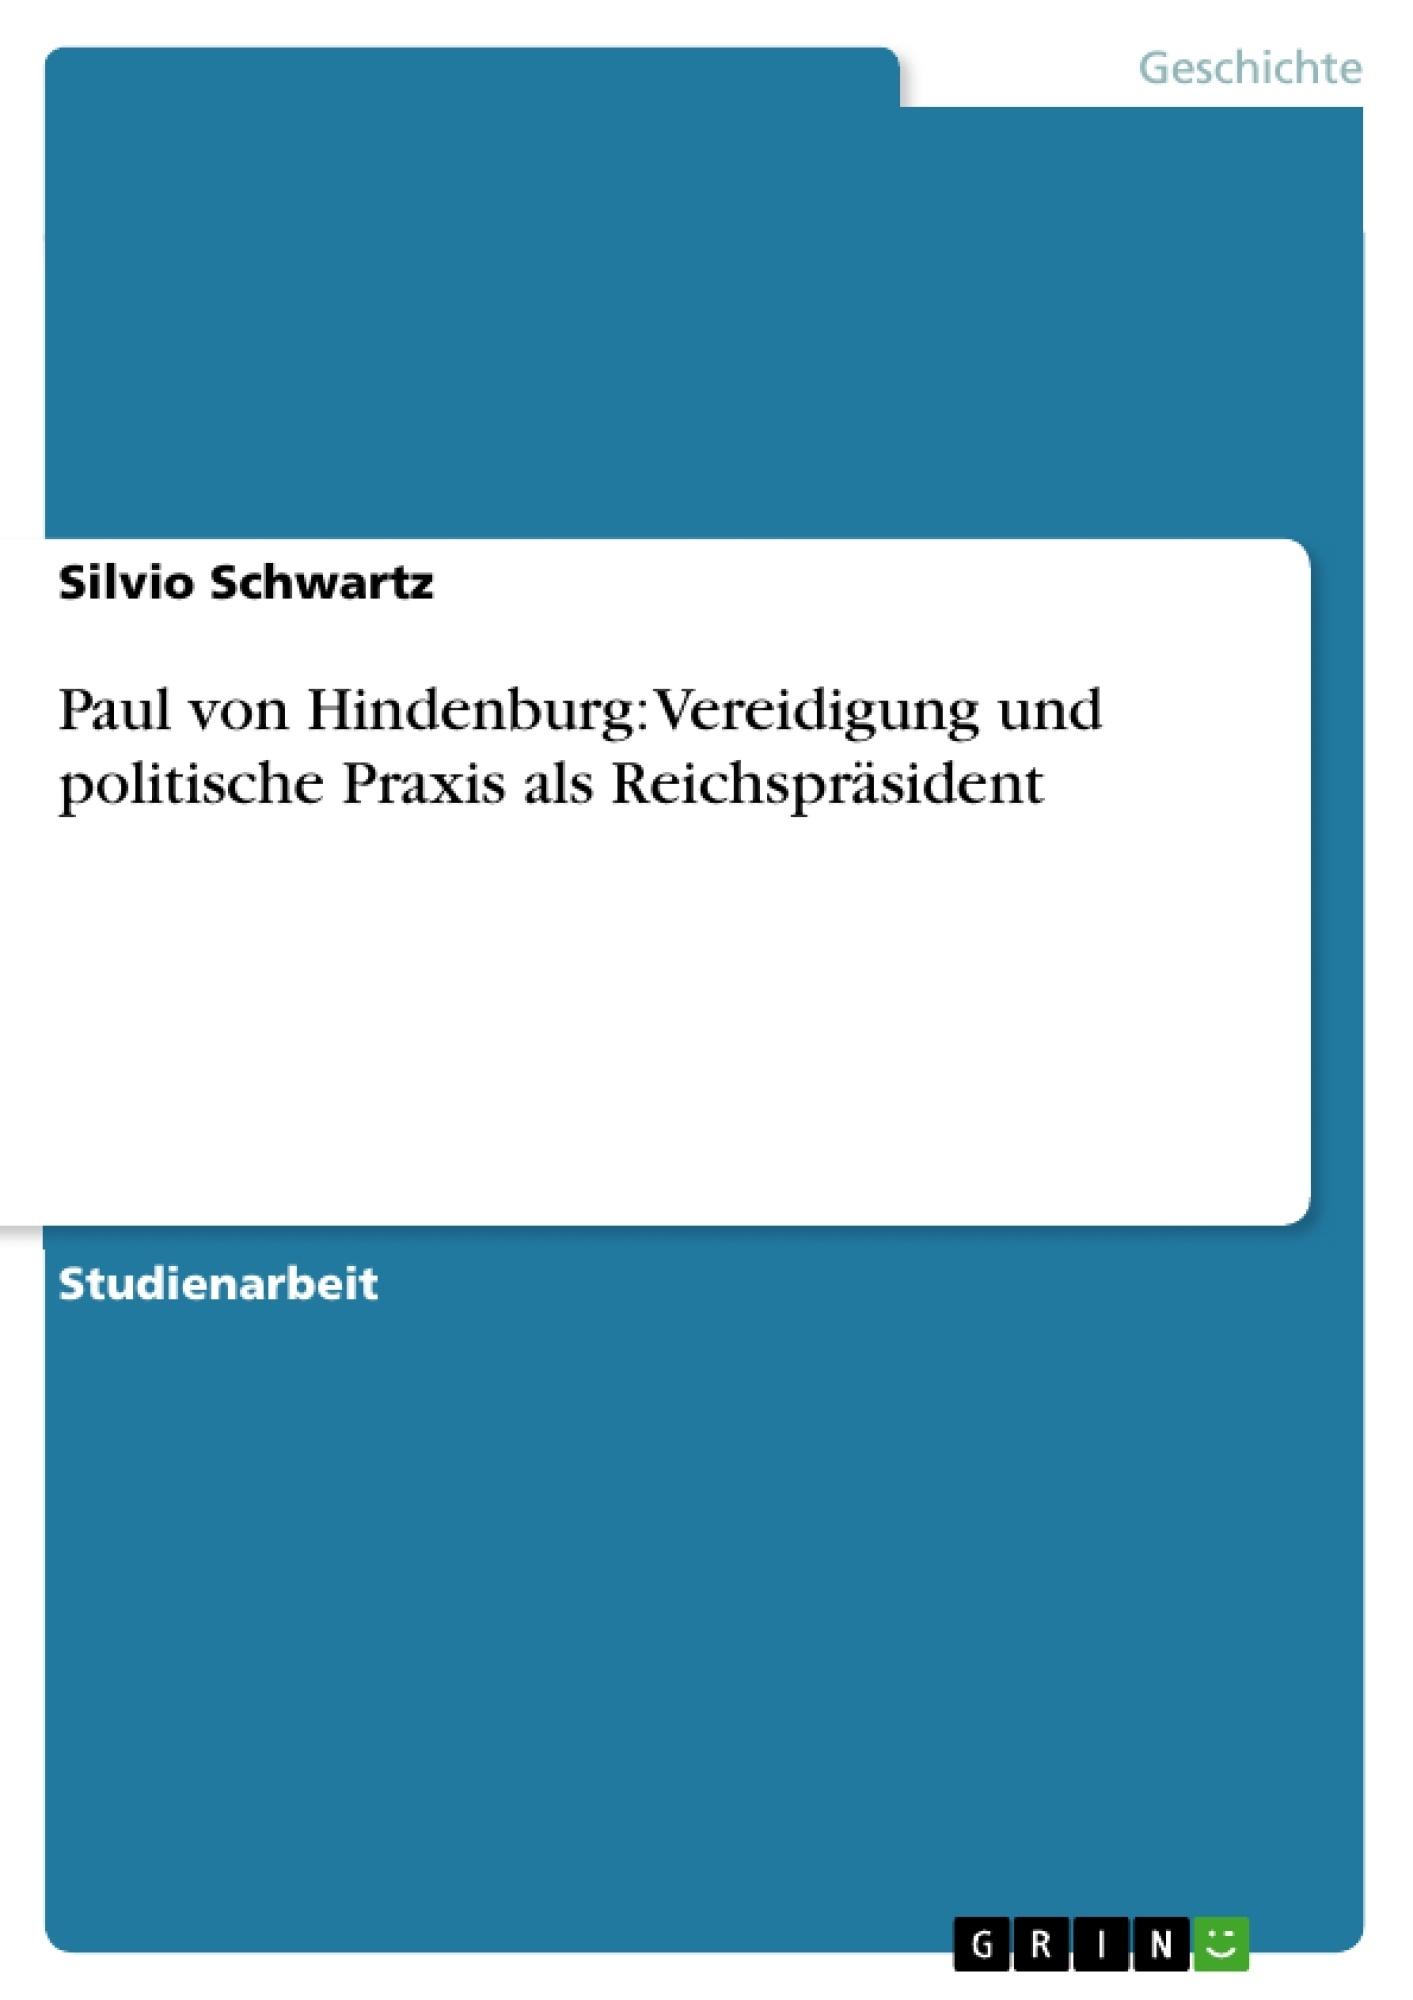 Titel: Paul von Hindenburg: Vereidigung und politische Praxis als Reichspräsident